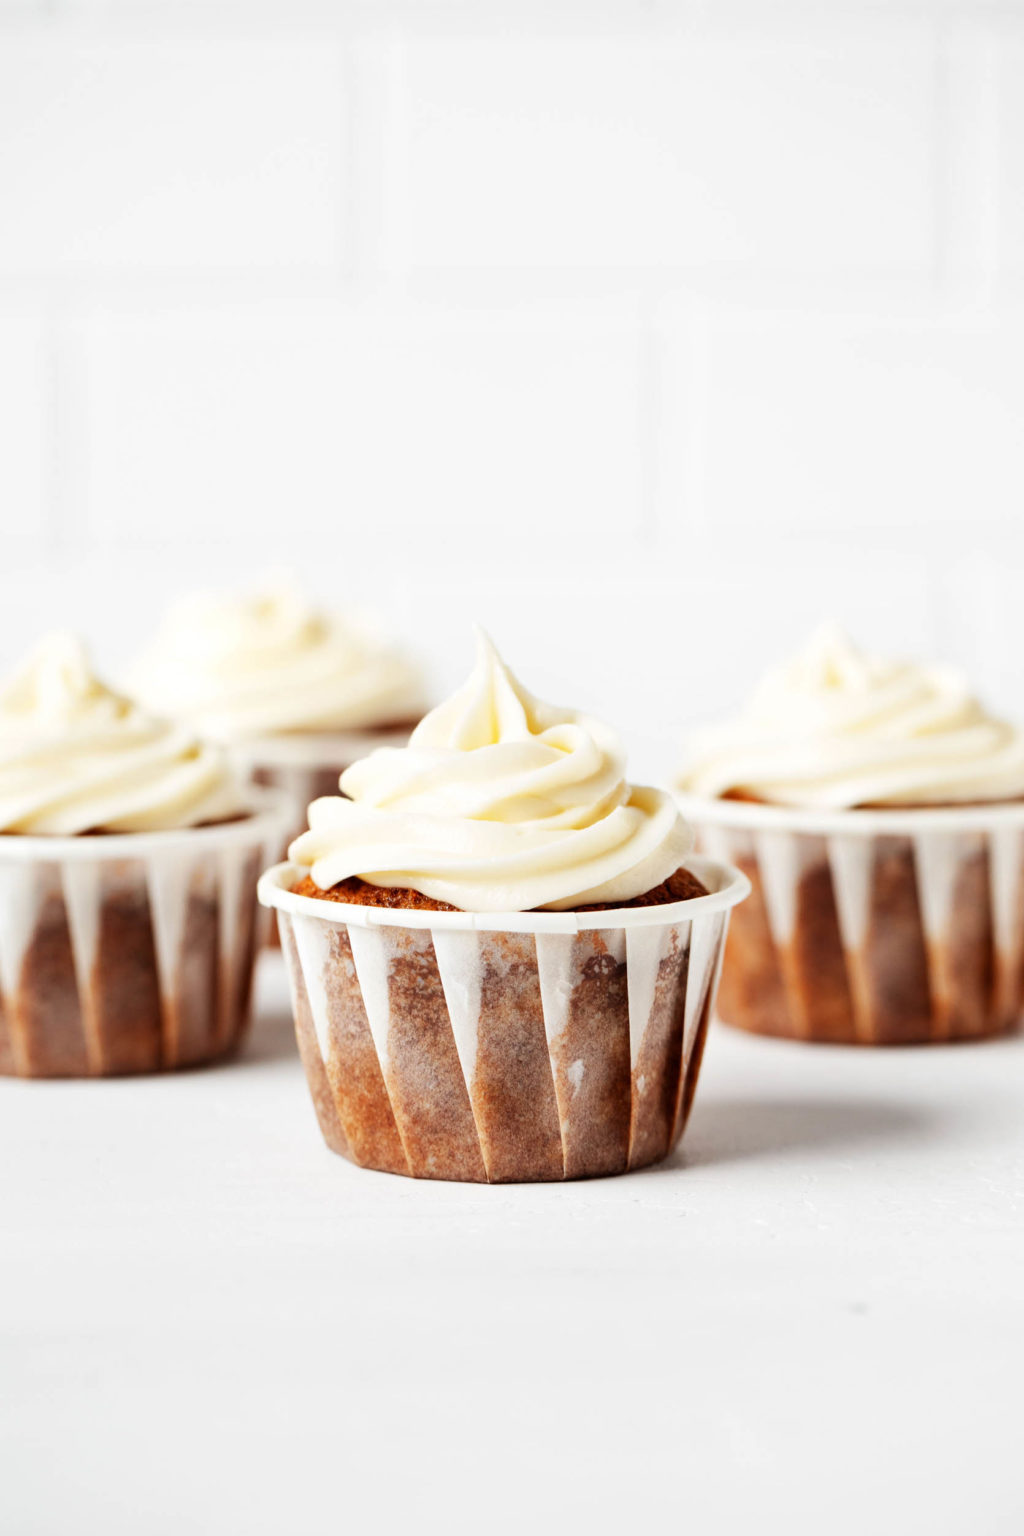 Los cupcakes de pastel de zanahoria vegano helado están alineados uno al lado del otro contra un fondo brillante.